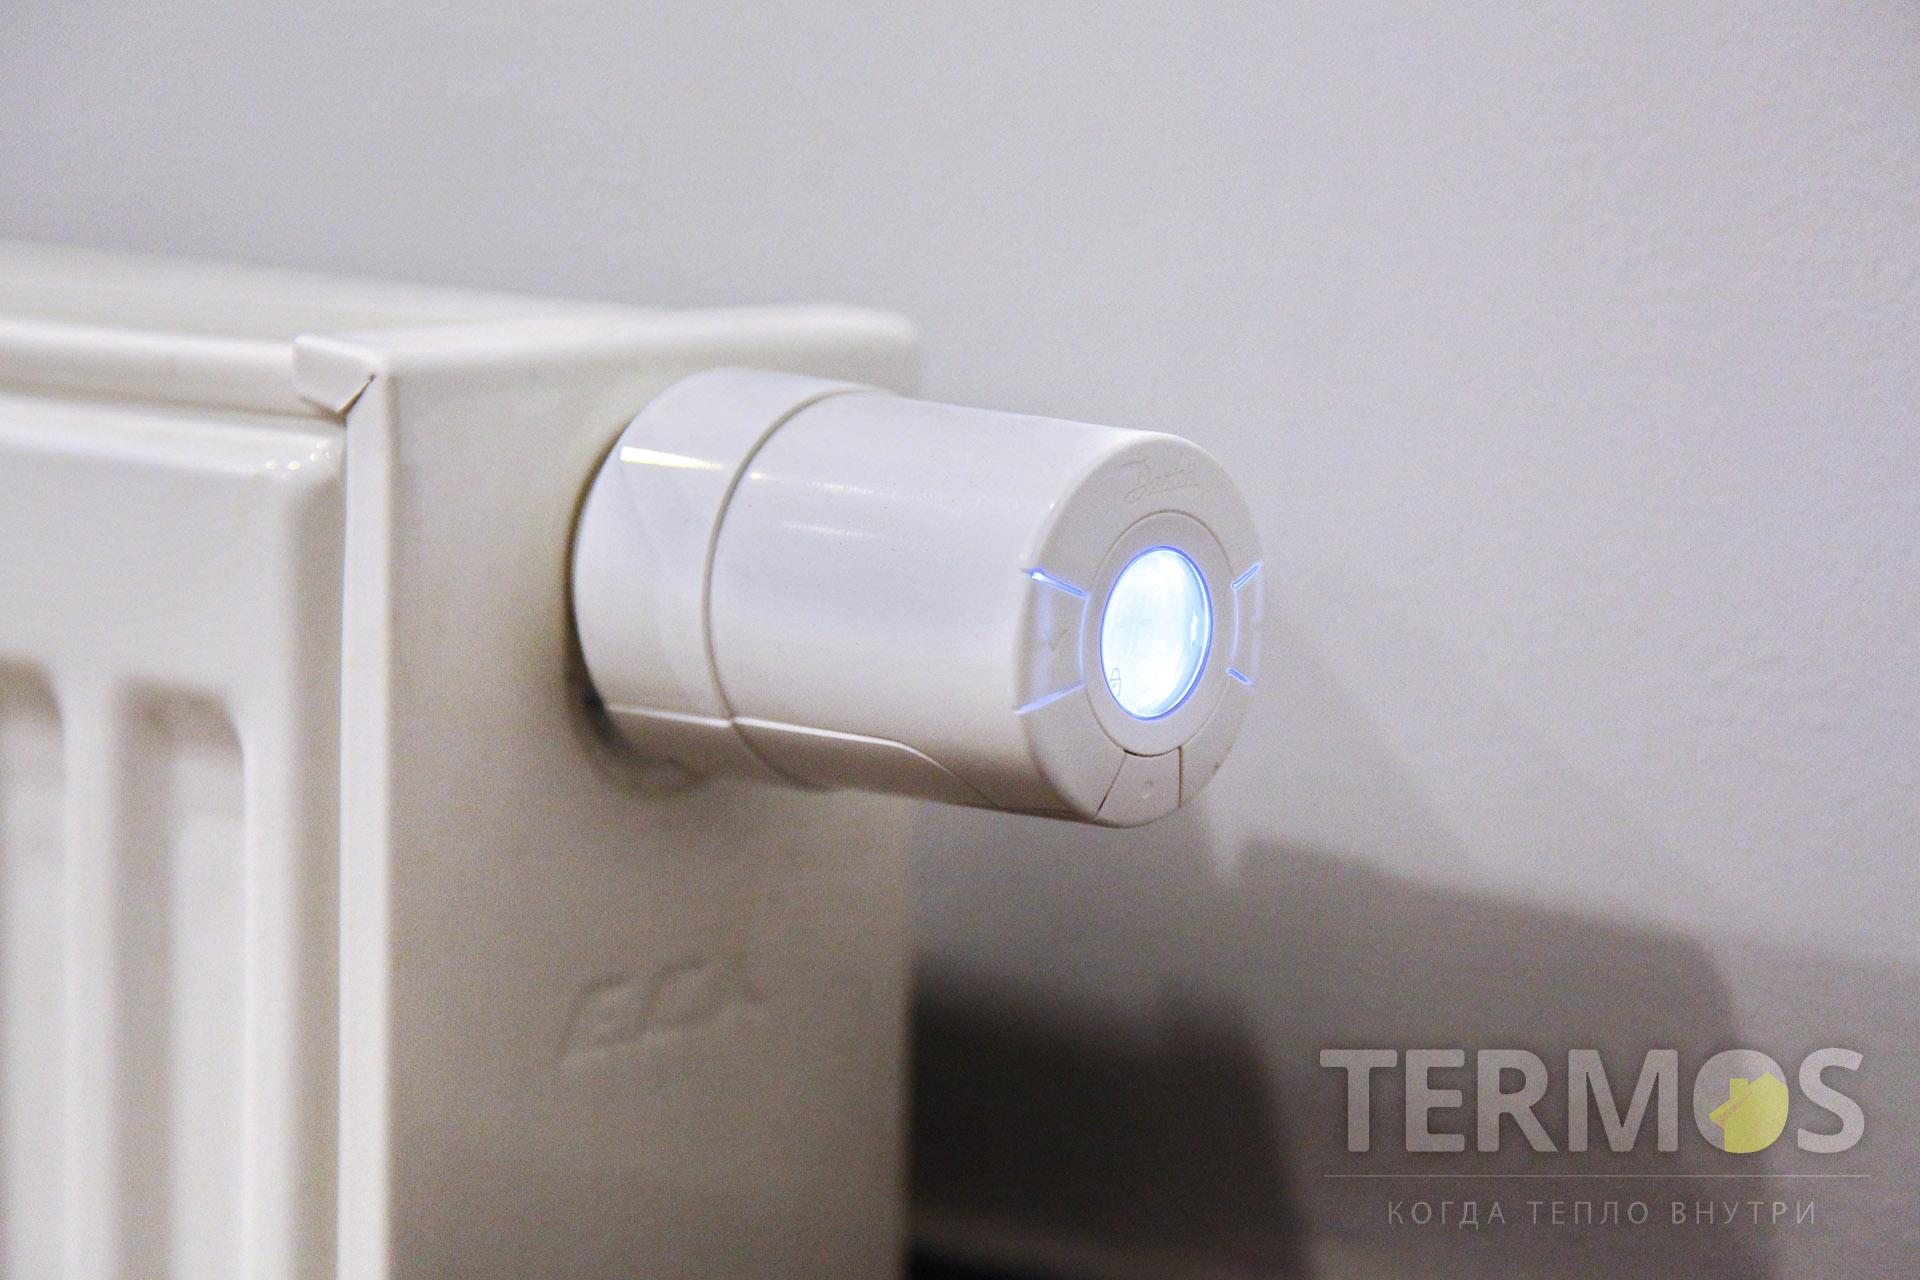 Беспроводные термогголовки радиаторов - подключены к общей системе управления температурами в помещениях. Обеспечивают регулировку температуры в помещениях с радиаторным обогревом